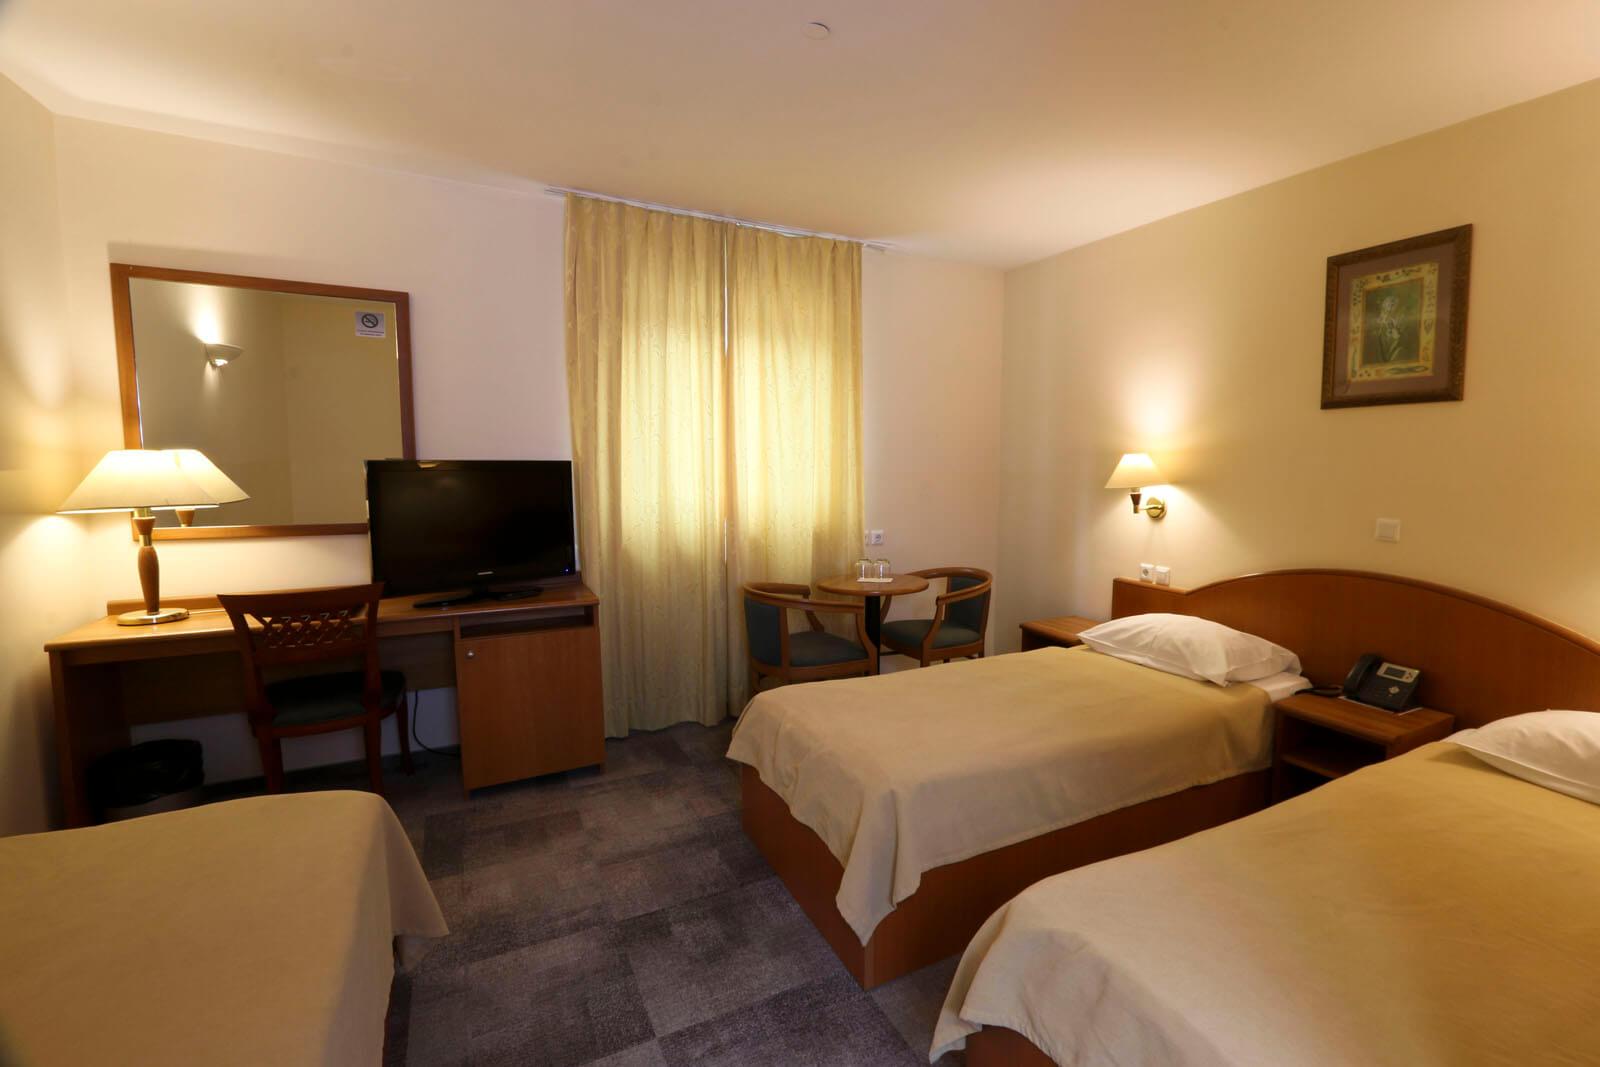 Mantova_hotelIMG_6753